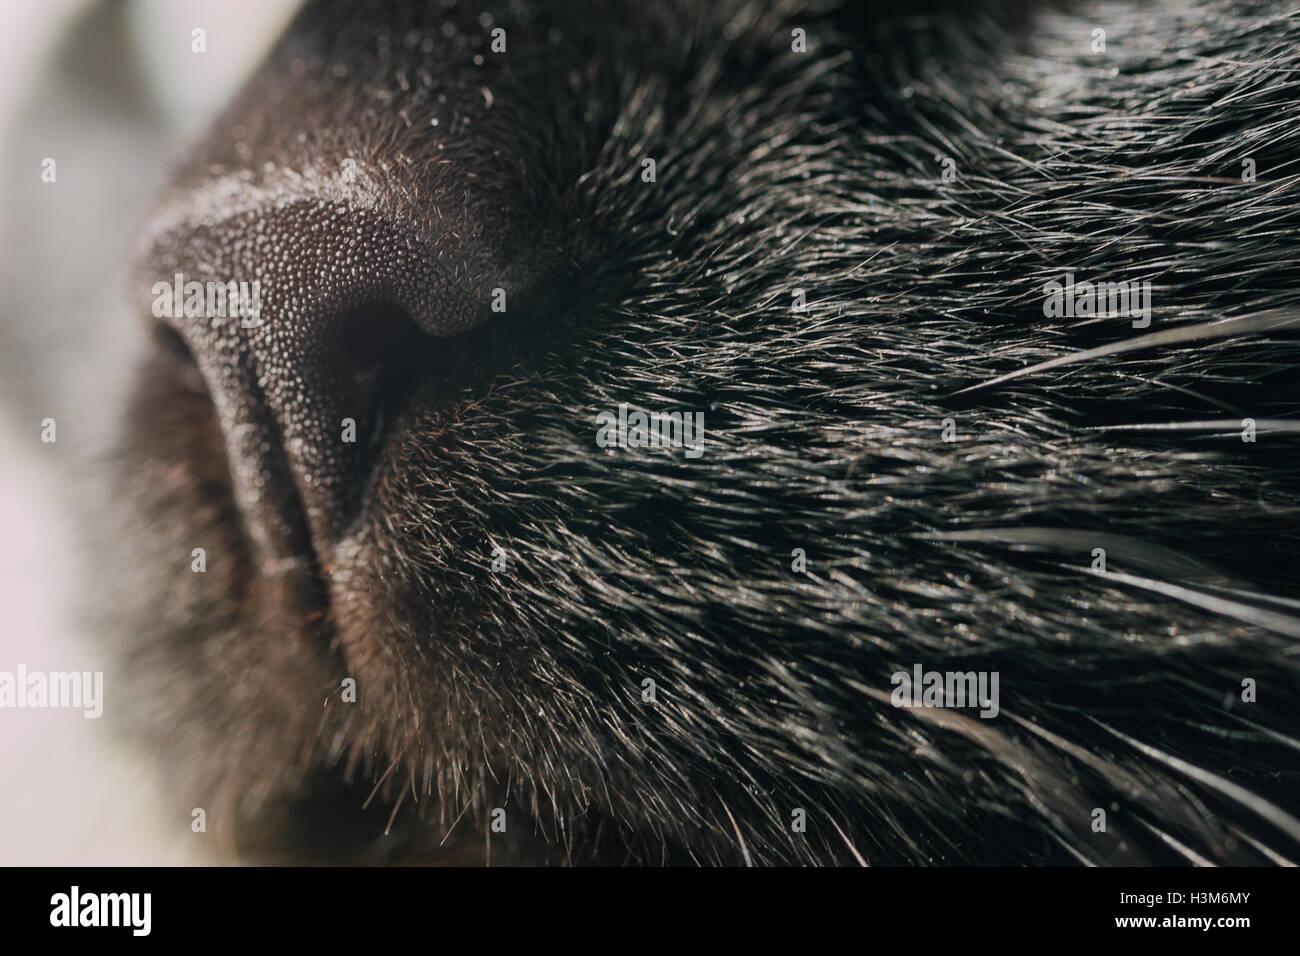 Nero close up micio foto